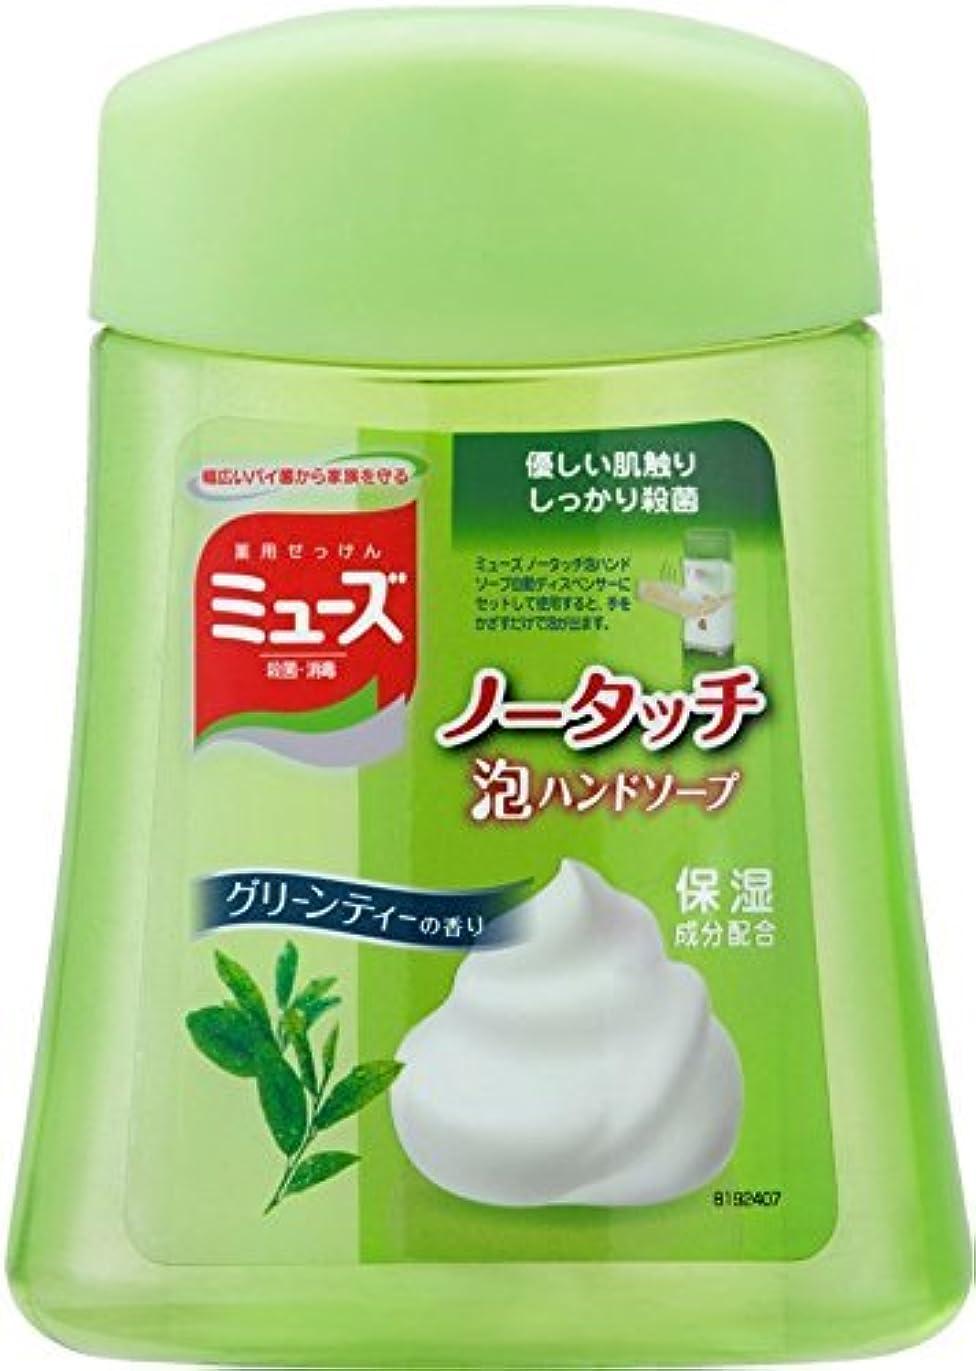 【アース製薬】ミューズノータッチ詰替 グリーンティー 250ml ×10個セット